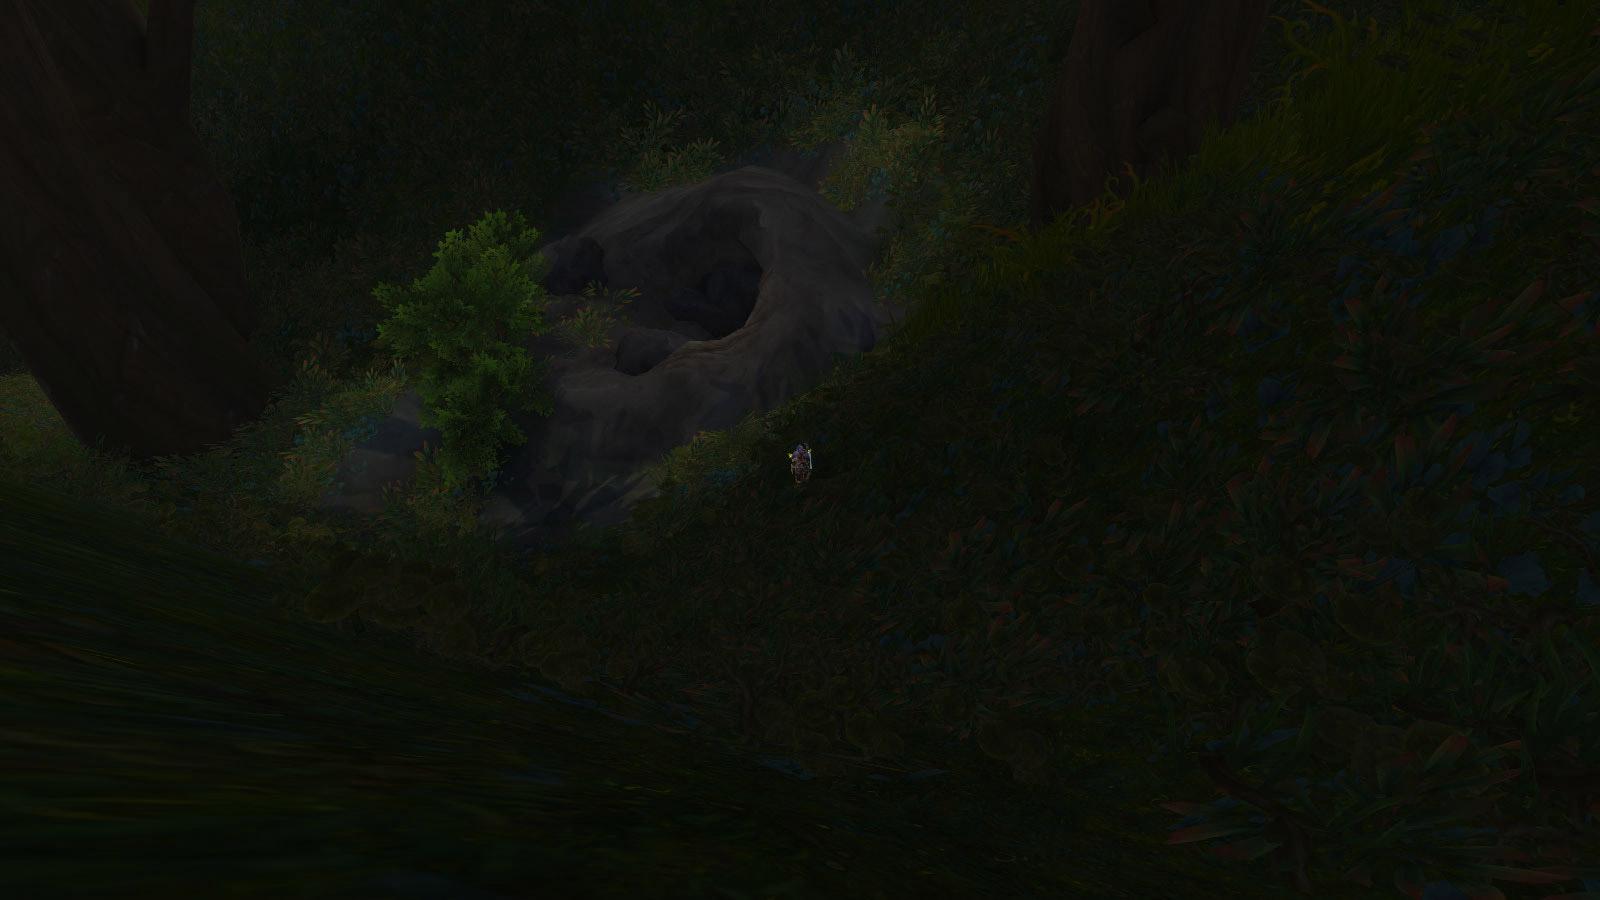 Trouvez la grotte au pied de l'arbre